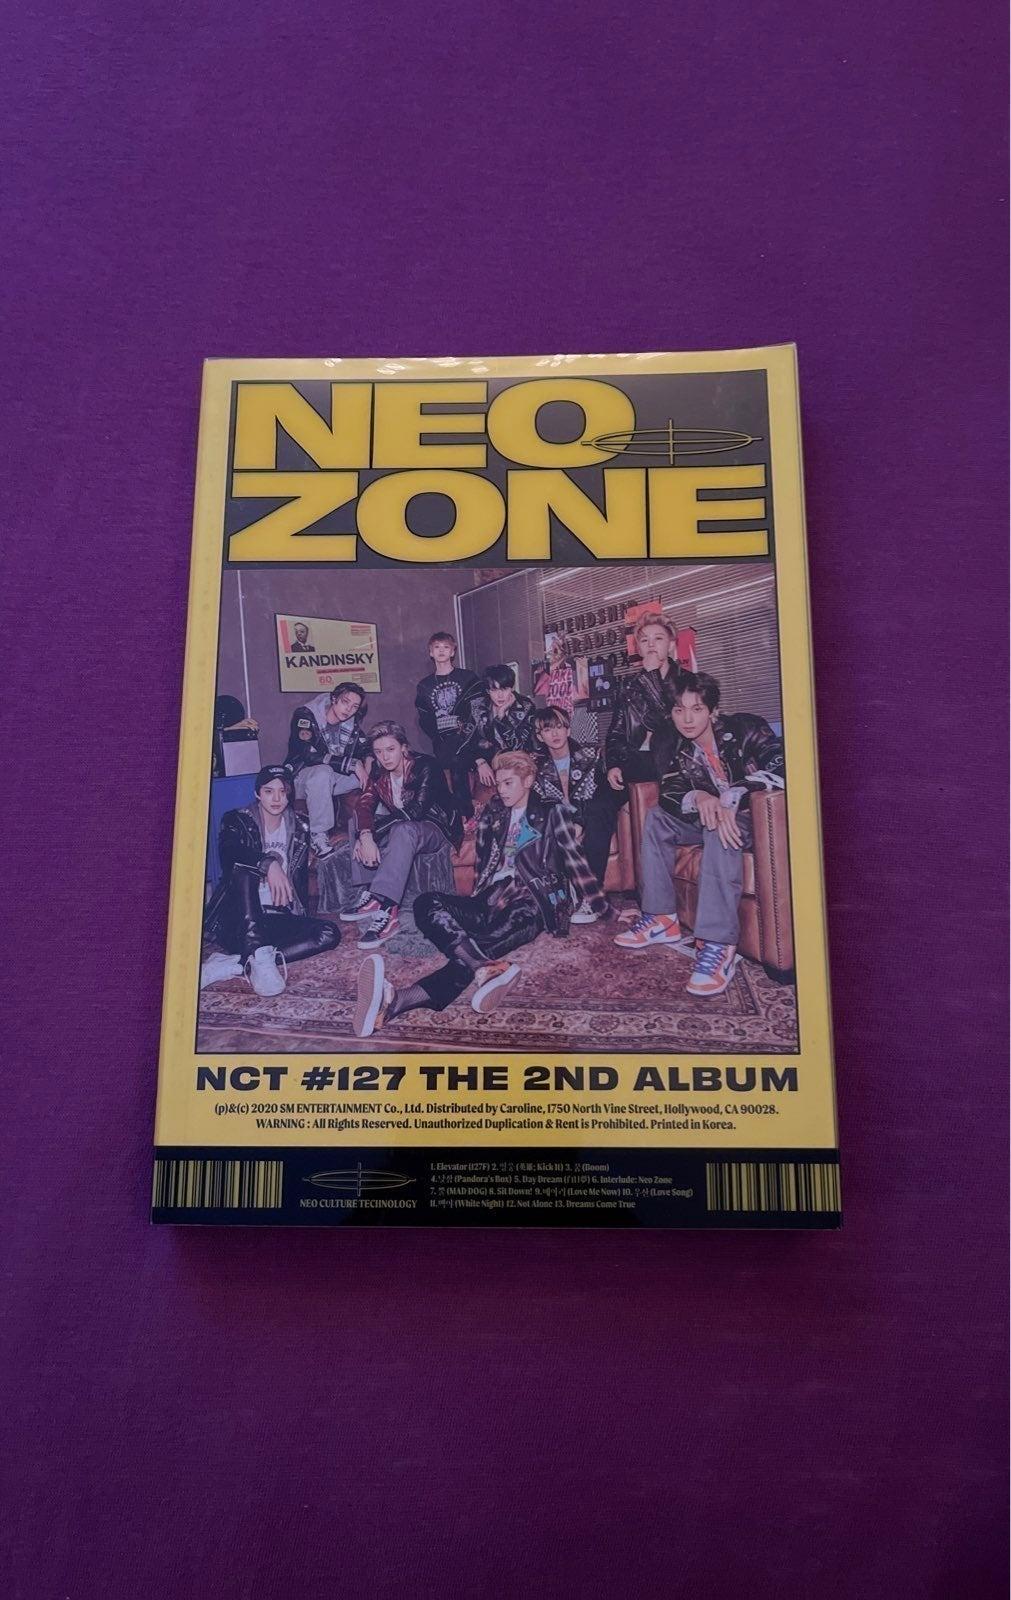 NCT 127 - NEO ZONE ALBUM